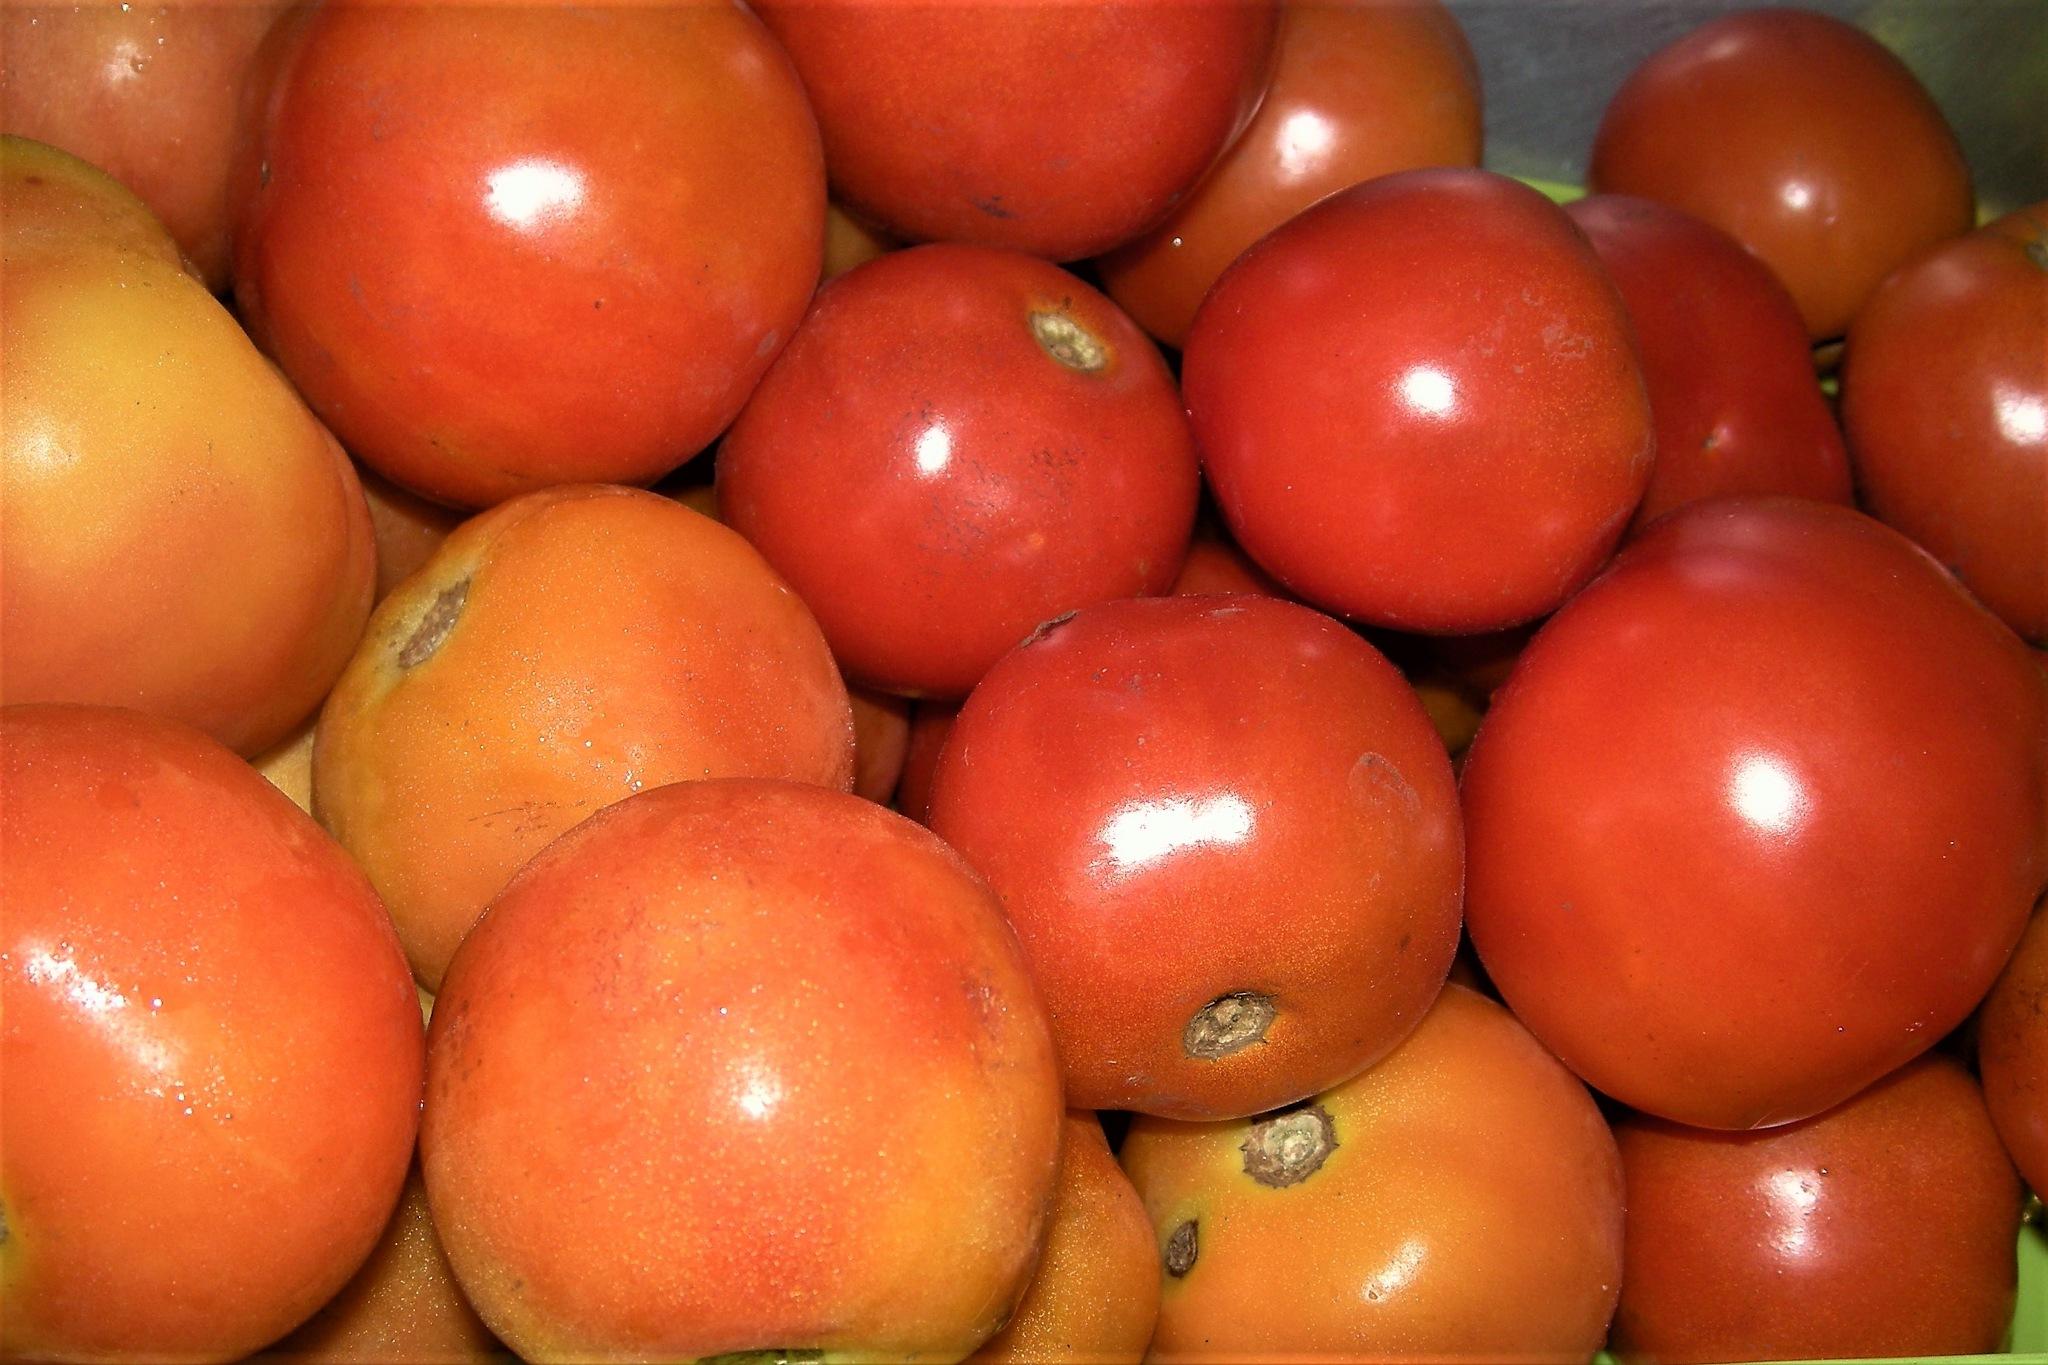 red tomato's by Rajesh Khurana